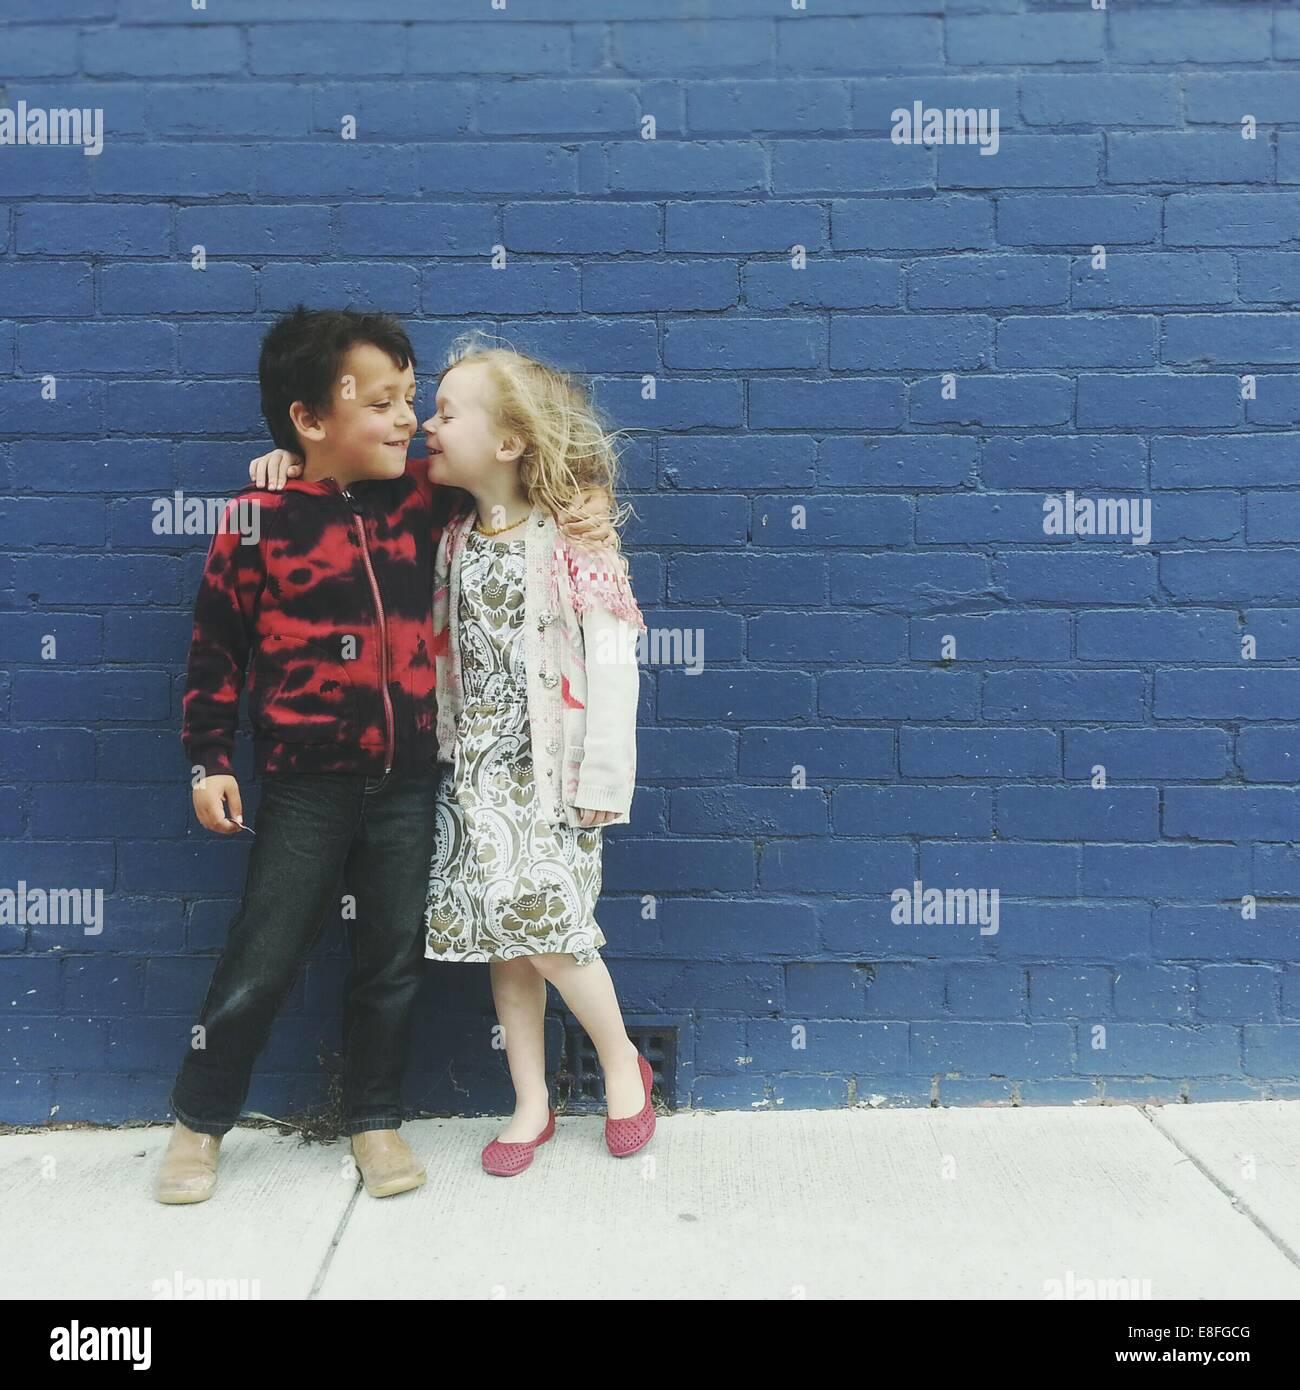 Garçon et fille avec leurs bras autour de l'autre Photo Stock